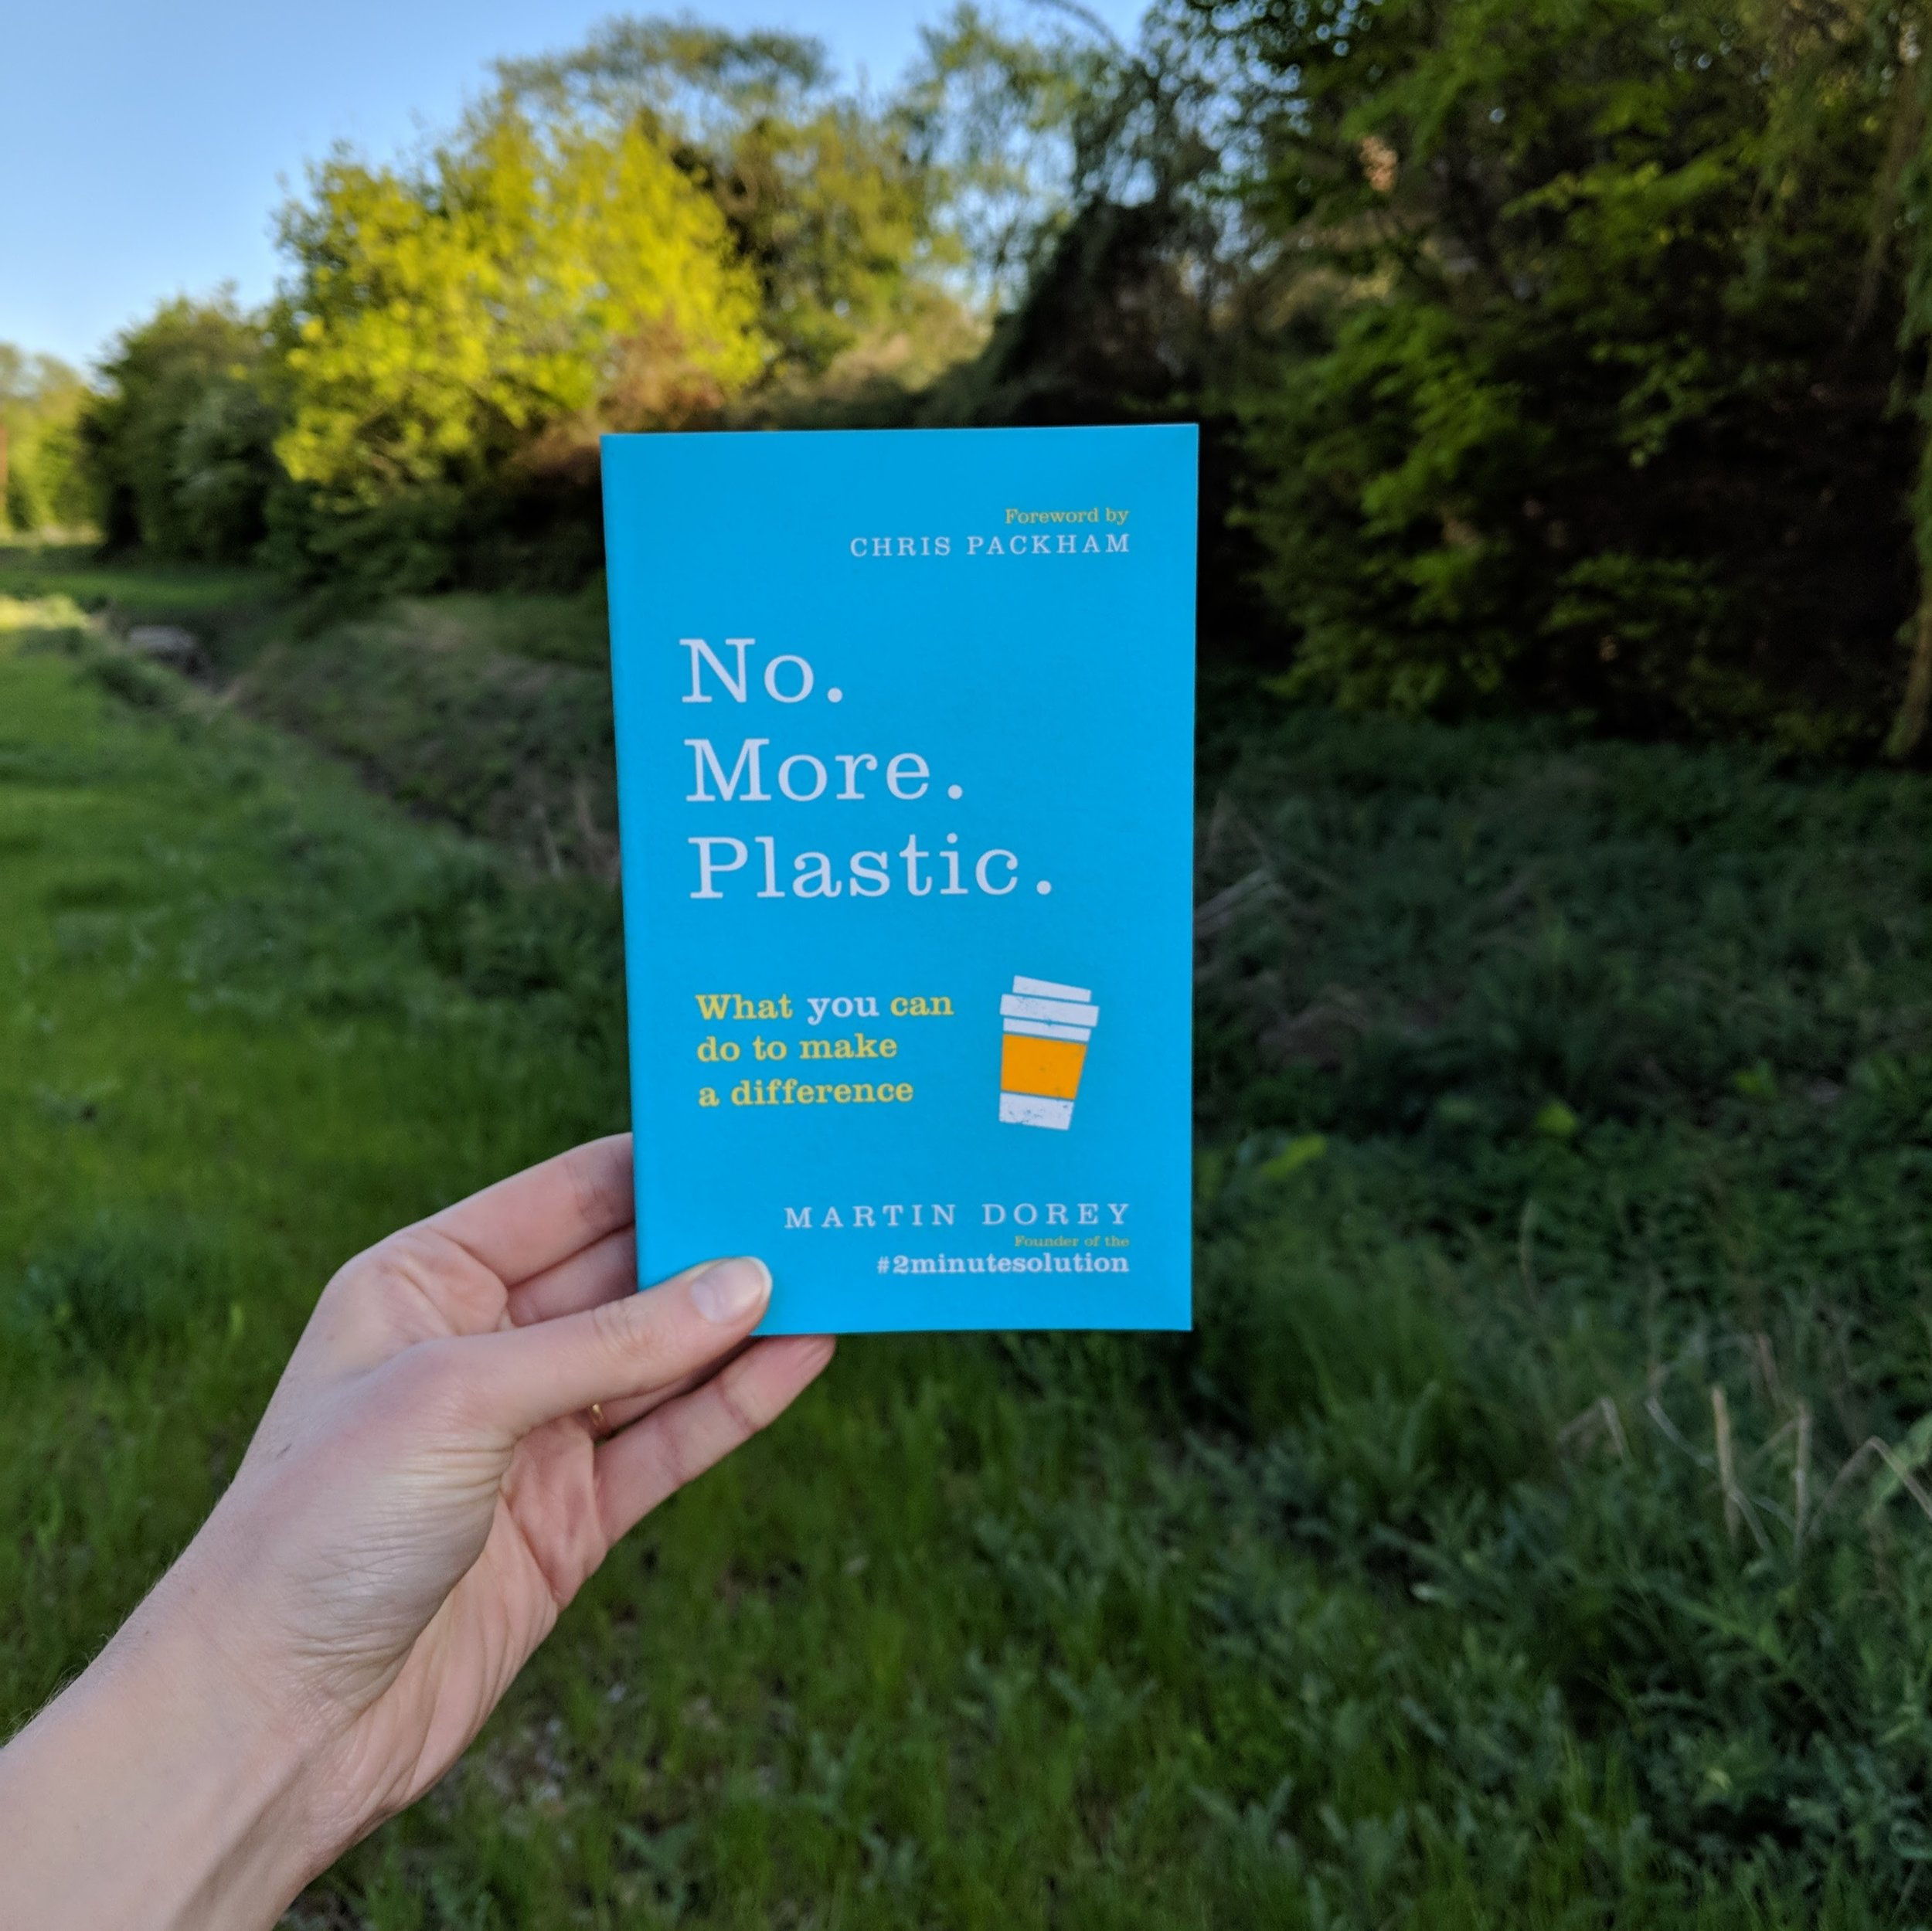 No. More. Plastic. Marketing Campaign